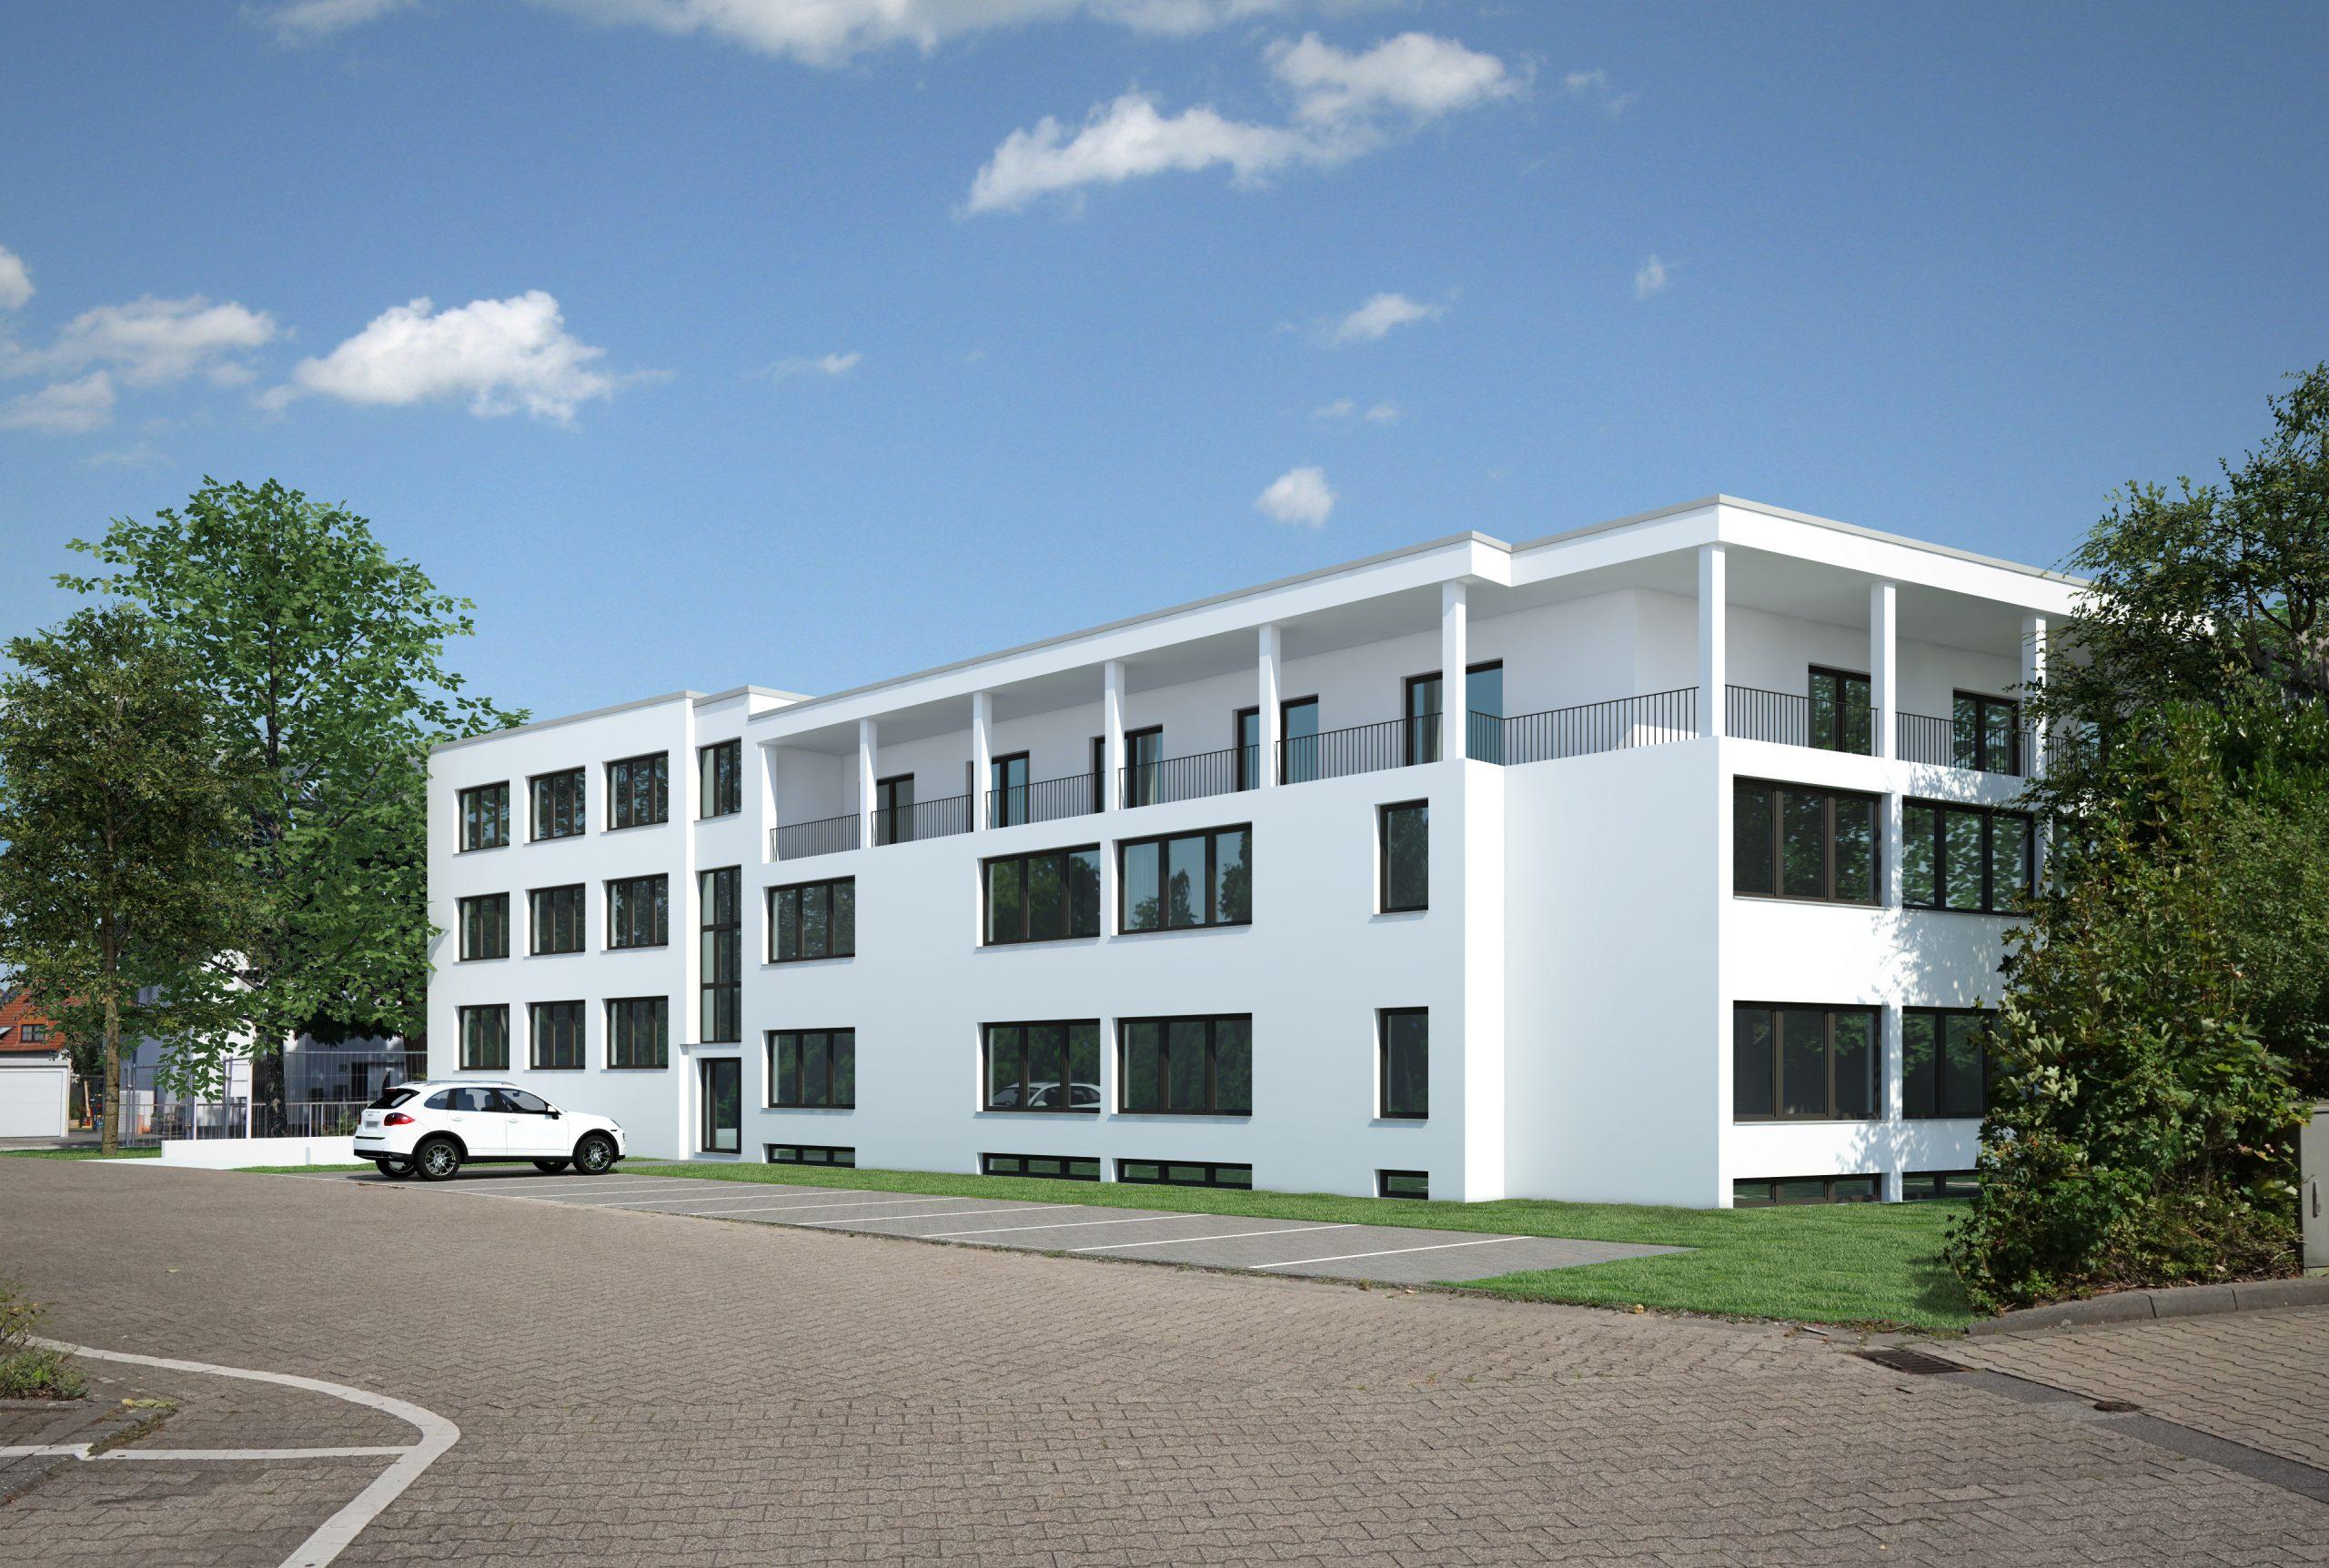 Wohngebäude 3D-Modell